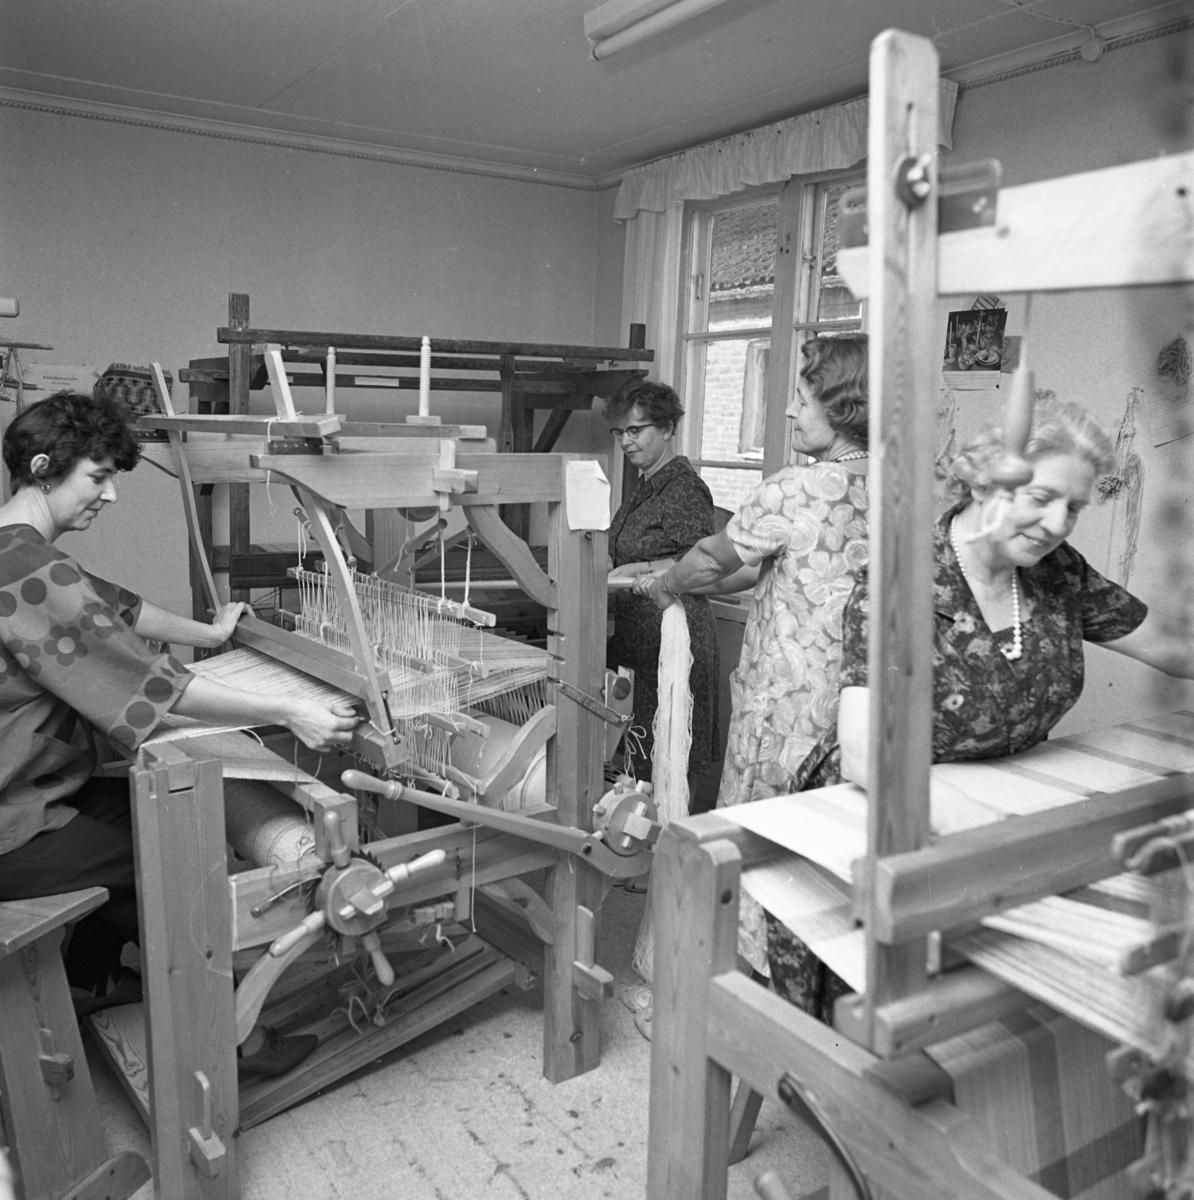 Husmodersföreningens vävstuga. Två kvinnor väver och två kvinnor hjälps åt att dra på en väv.